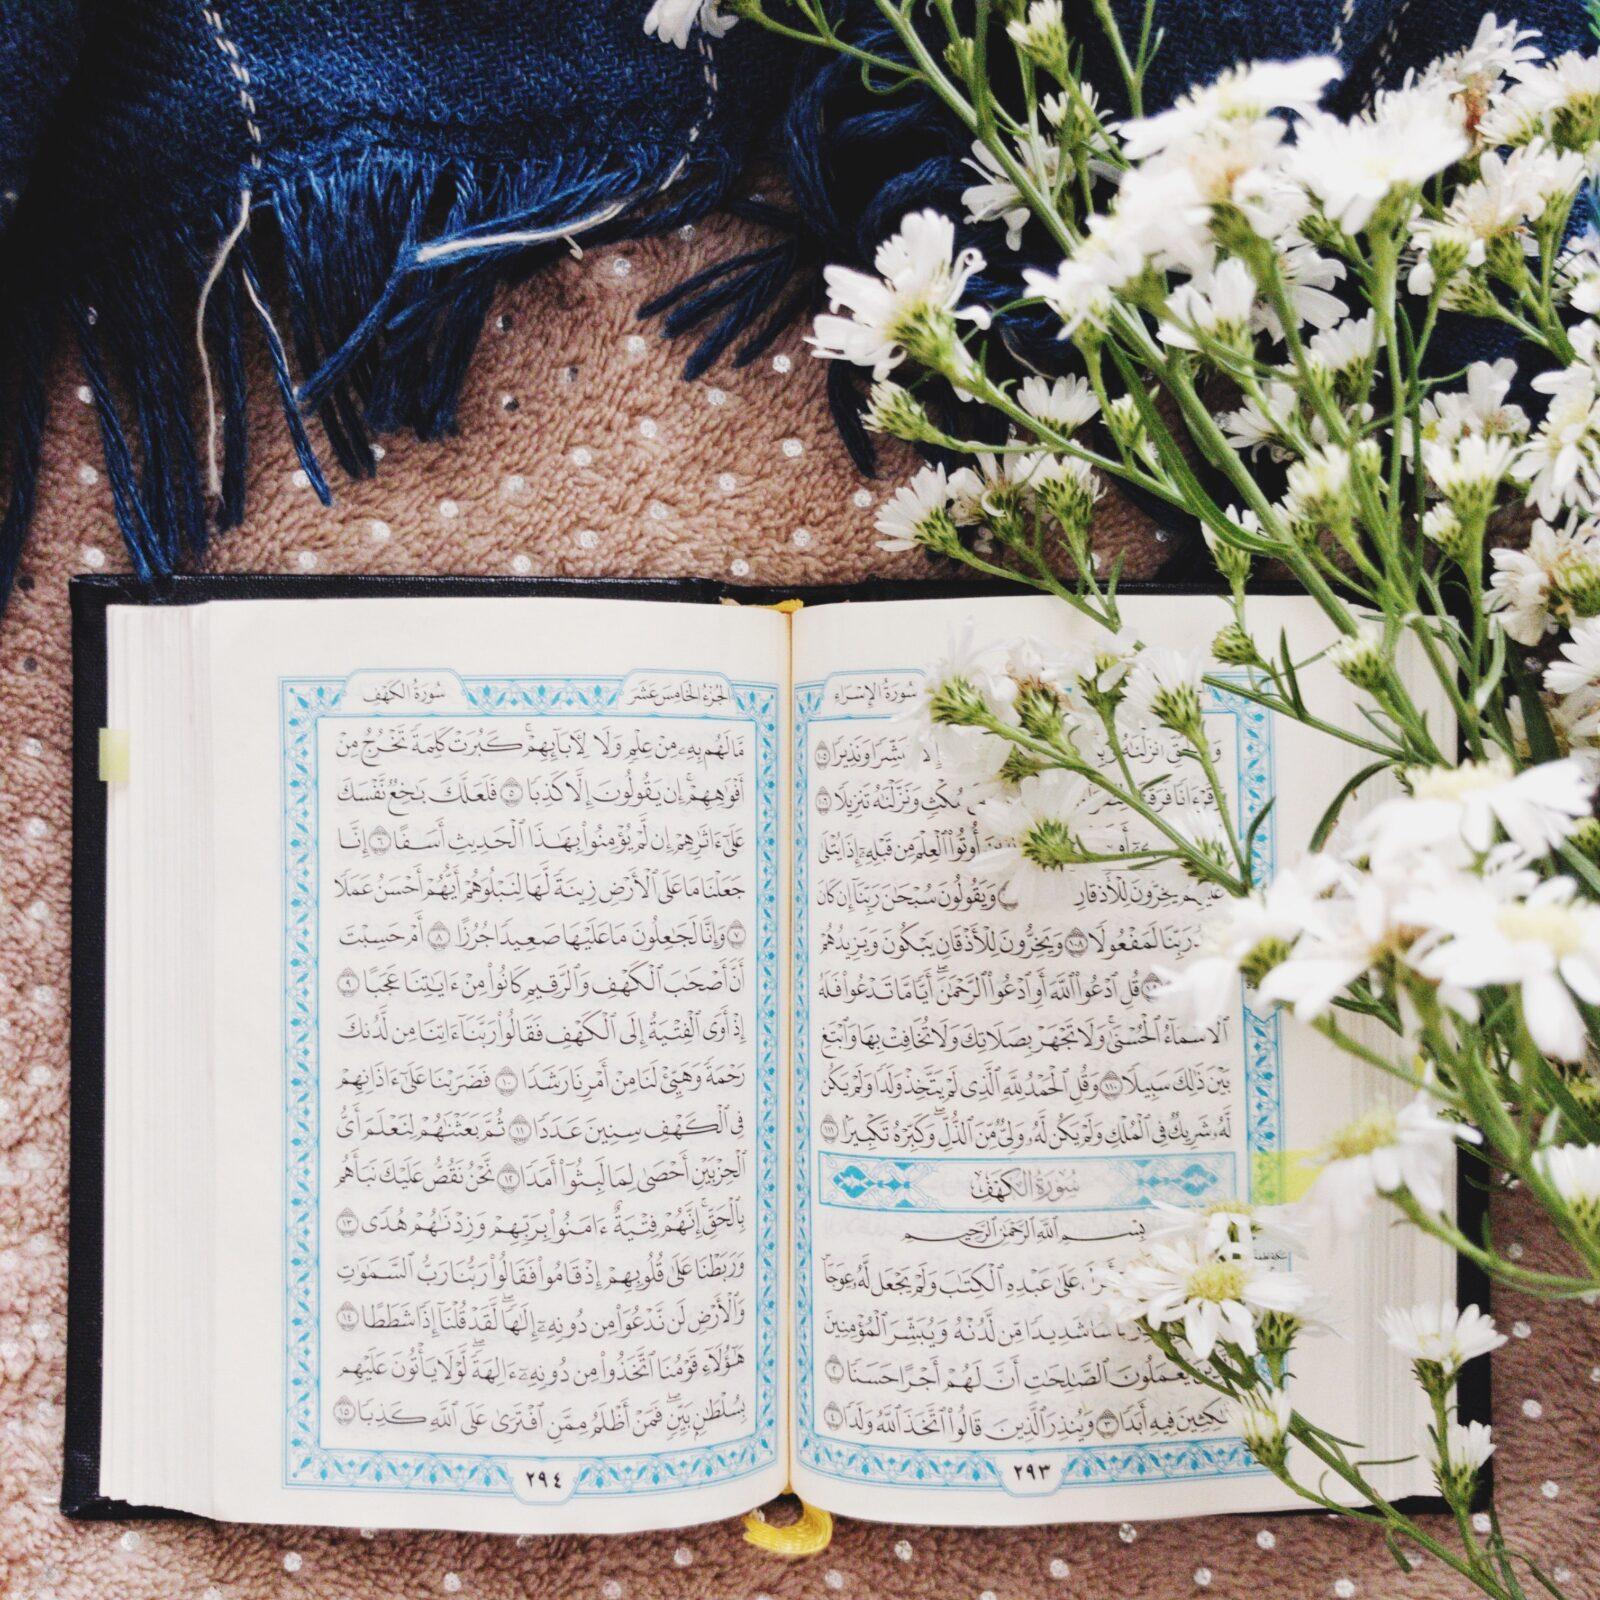 İnsanî İhtiyaçların Sürekliliği yahut Kur'an'ın Tazeliği | Ha-Mim